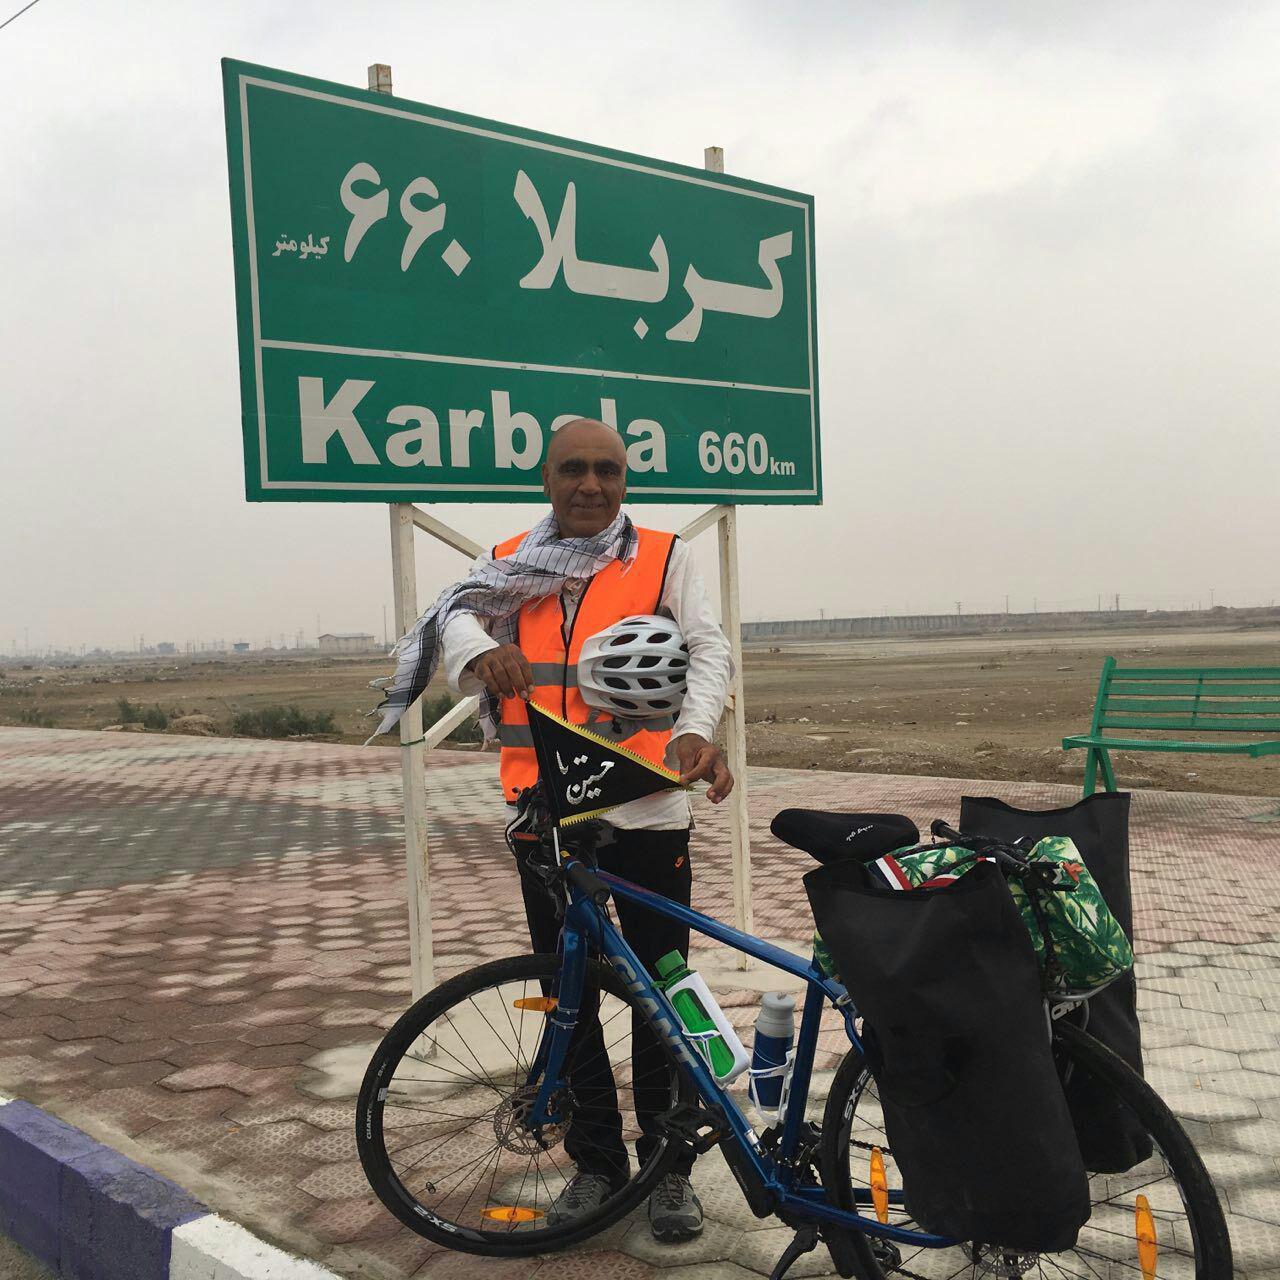 دوچرخه سوار بوشهری حامل بیرق متبرک حضرت اباعبدالله الحسین از مرز شلمچه تا شهرستان بندرجاسک رکاب زد